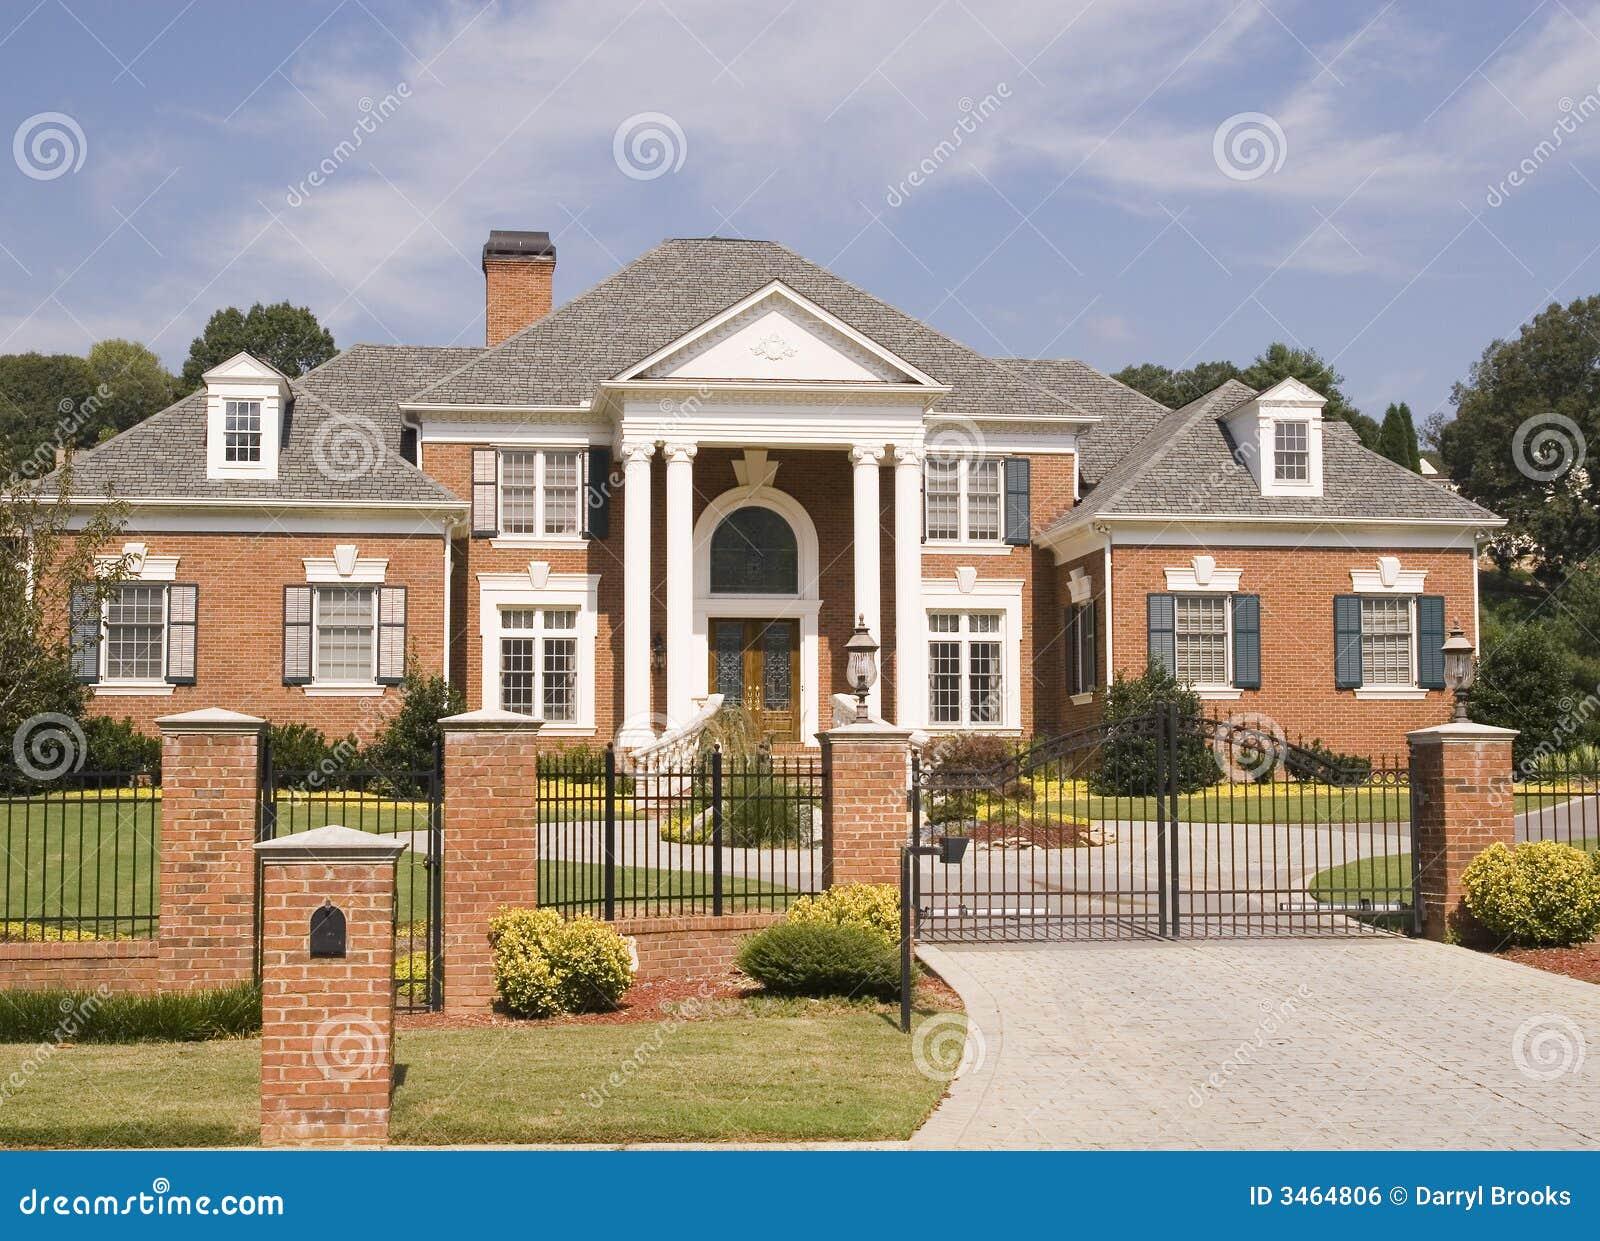 ziegelstein haus eisen zaun stockfoto bild von zustand ziegelstein 3464806. Black Bedroom Furniture Sets. Home Design Ideas